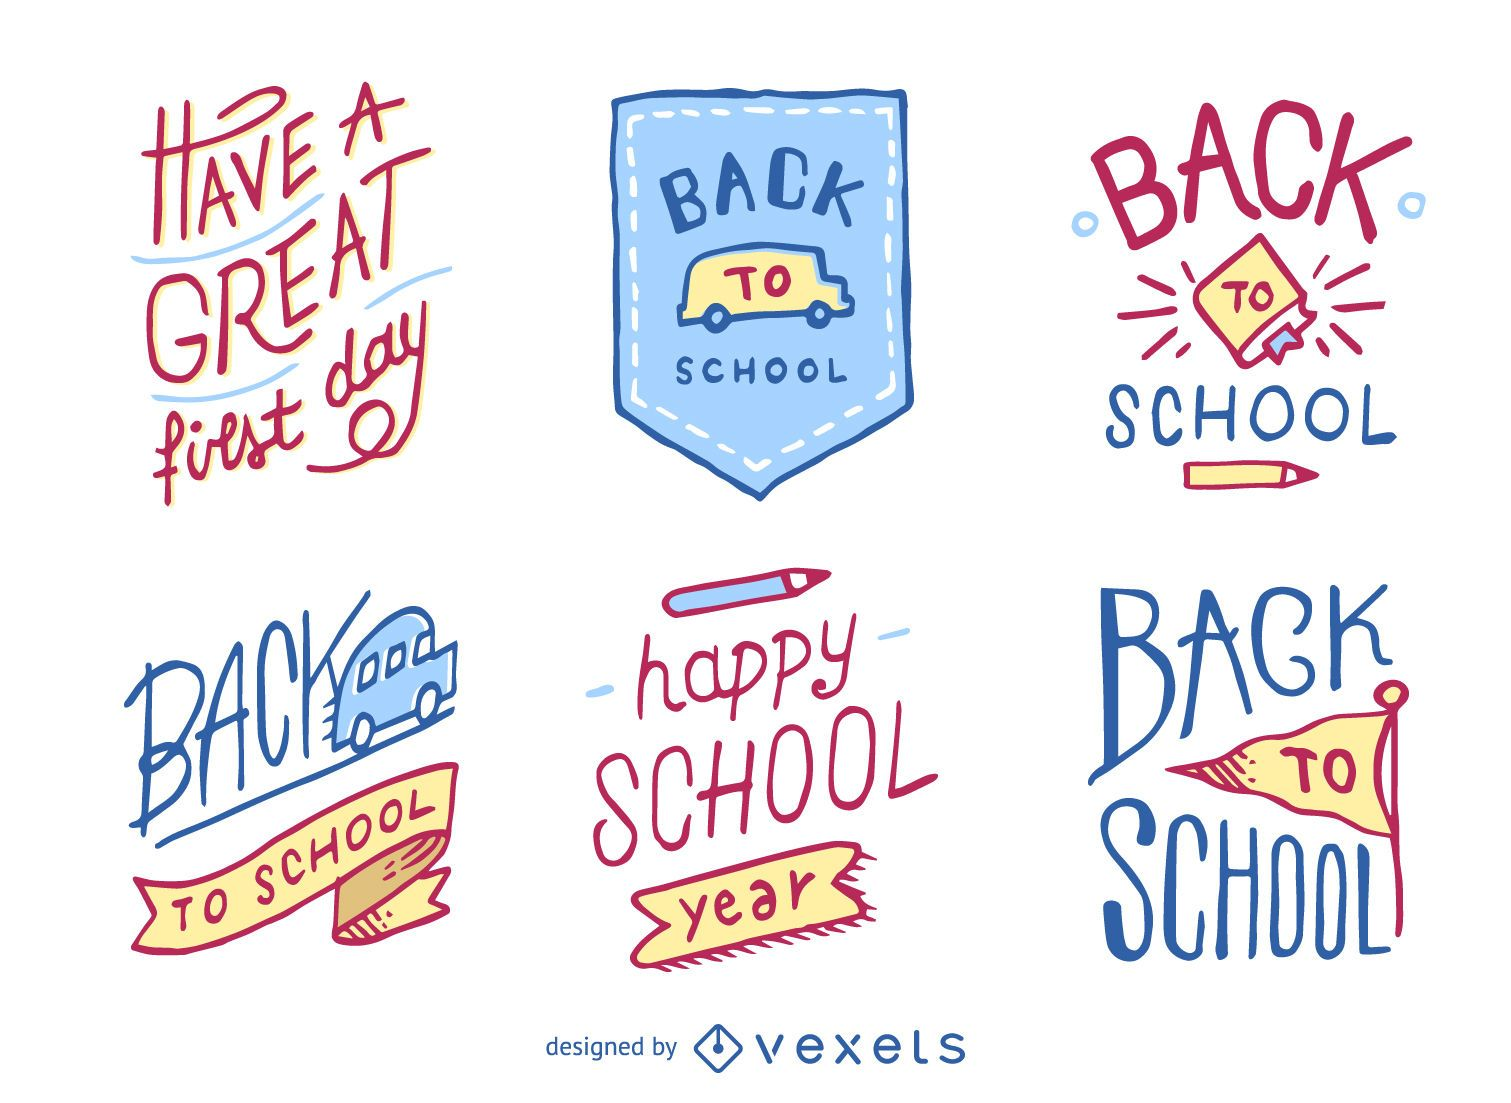 Insignias y emblemas de regreso a la escuela dibujados a mano.